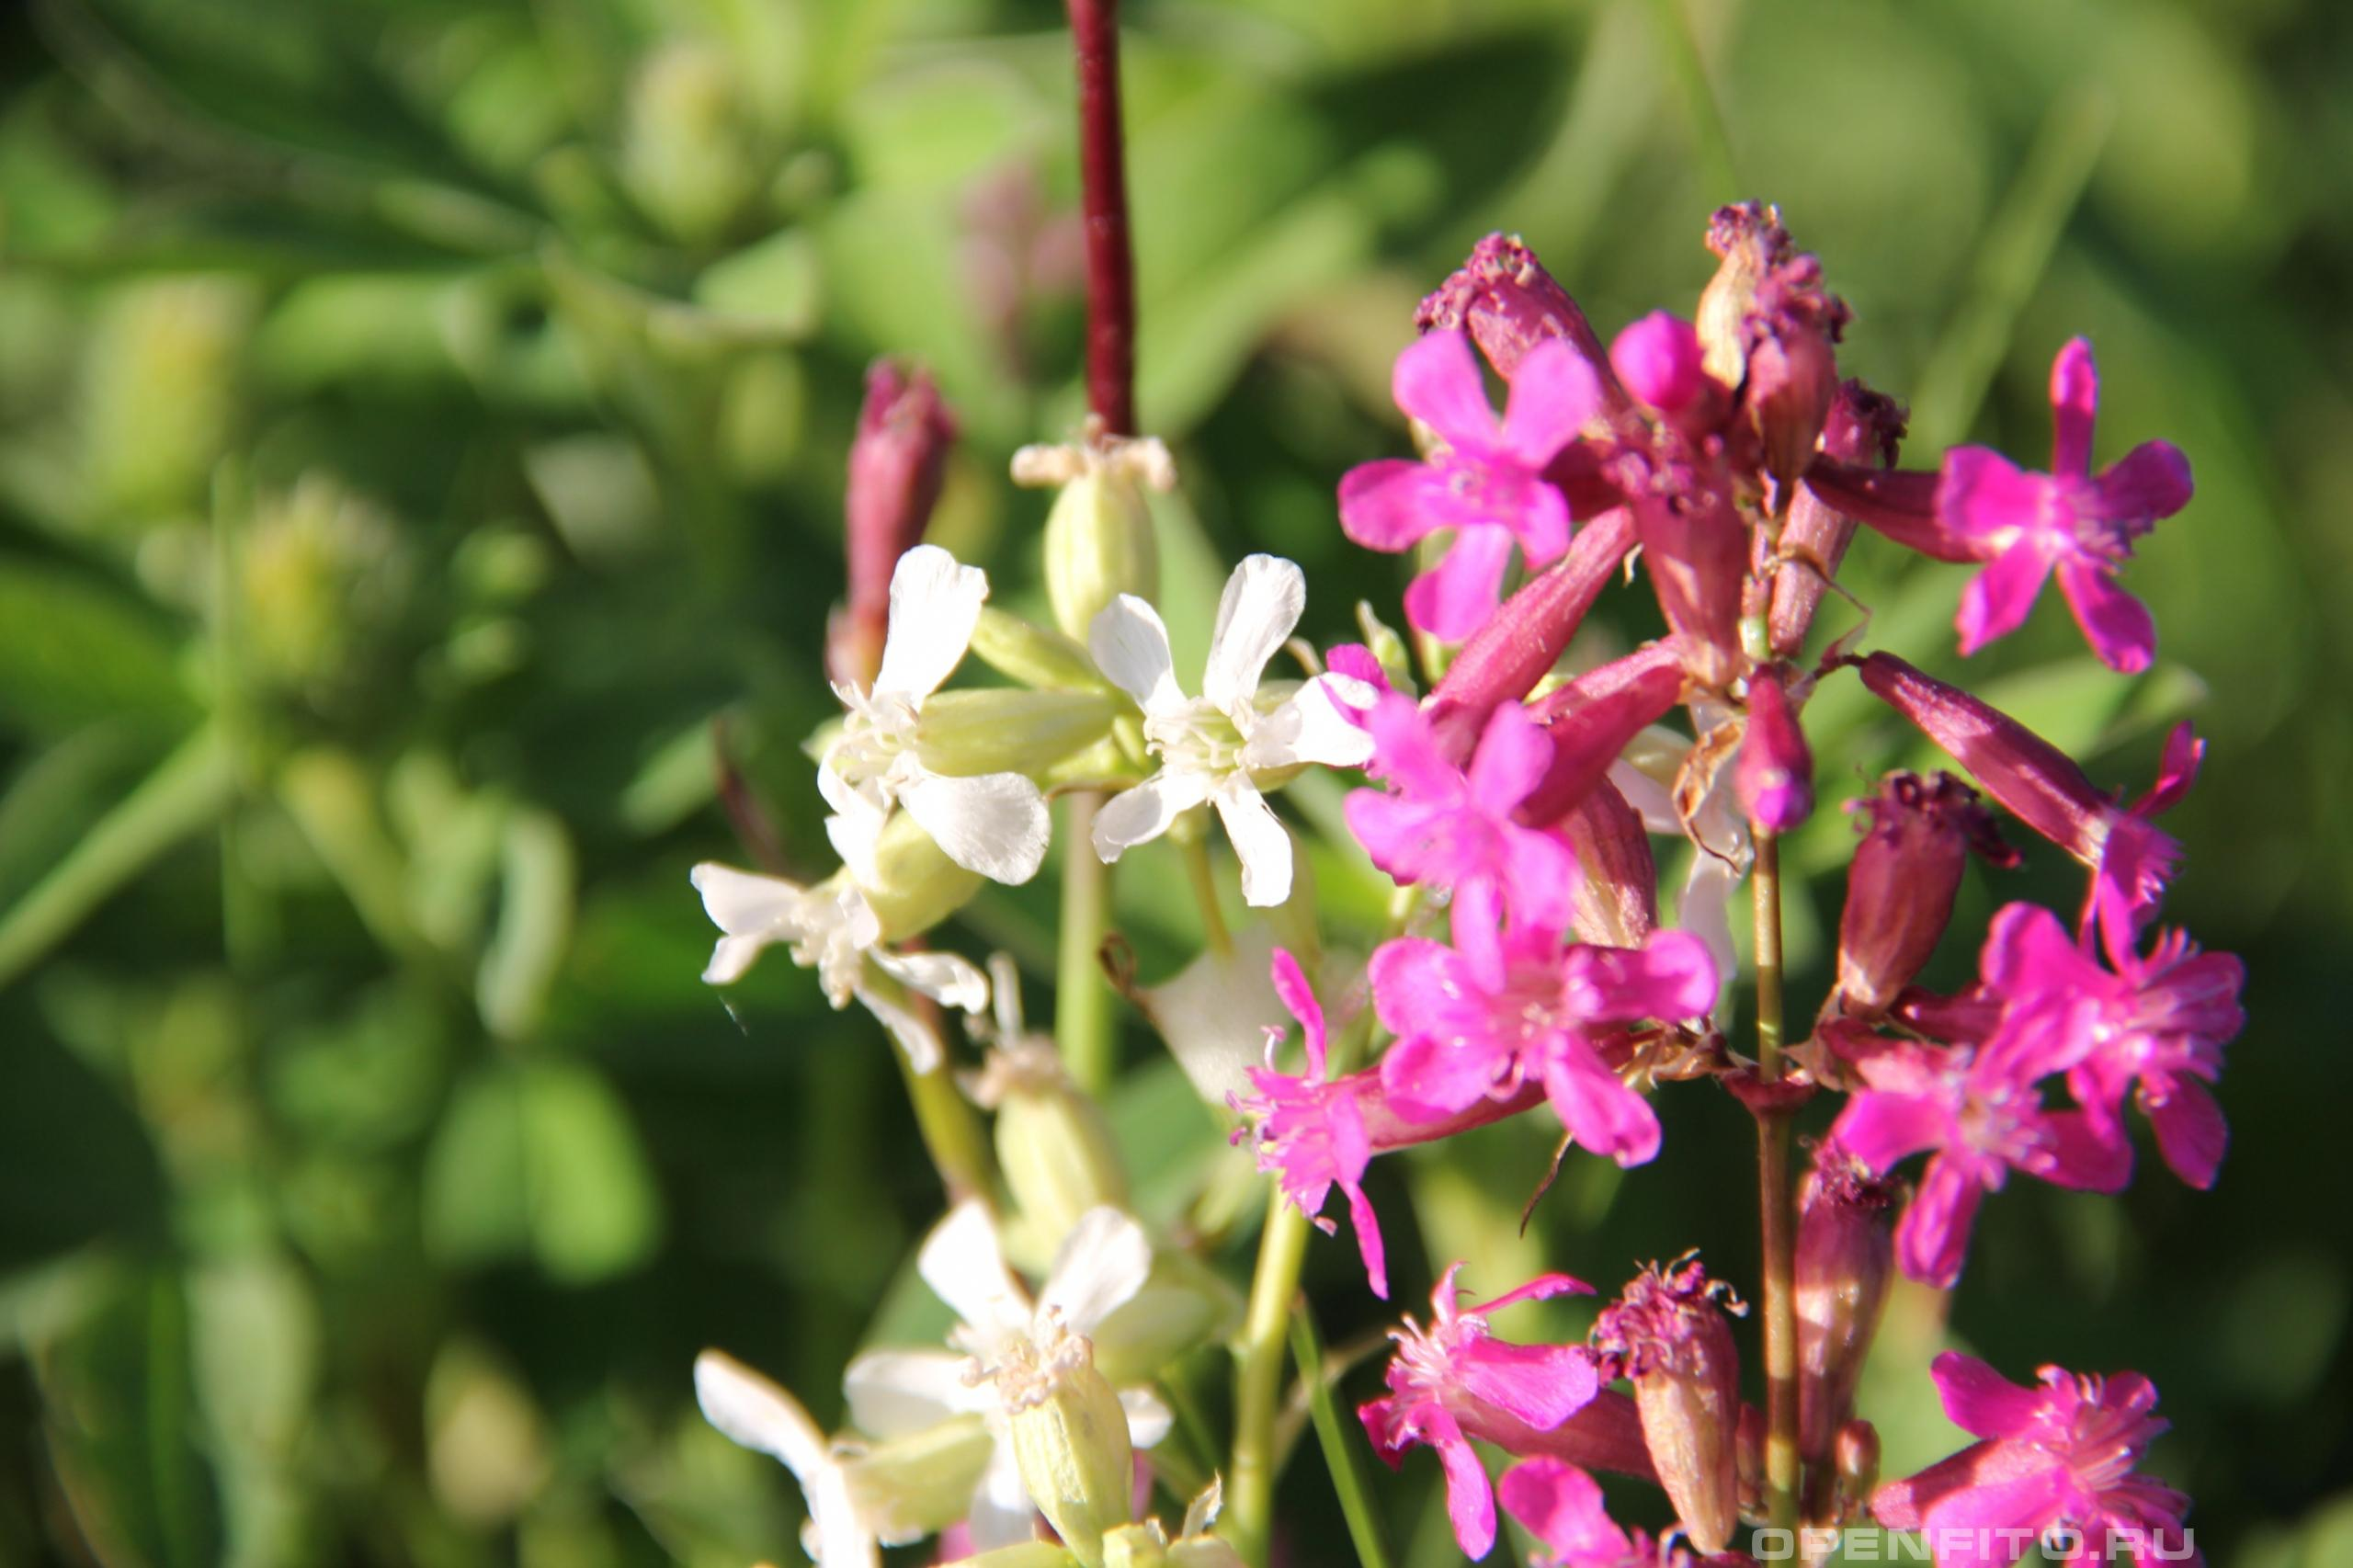 Смолка липкая редкие белые цветки